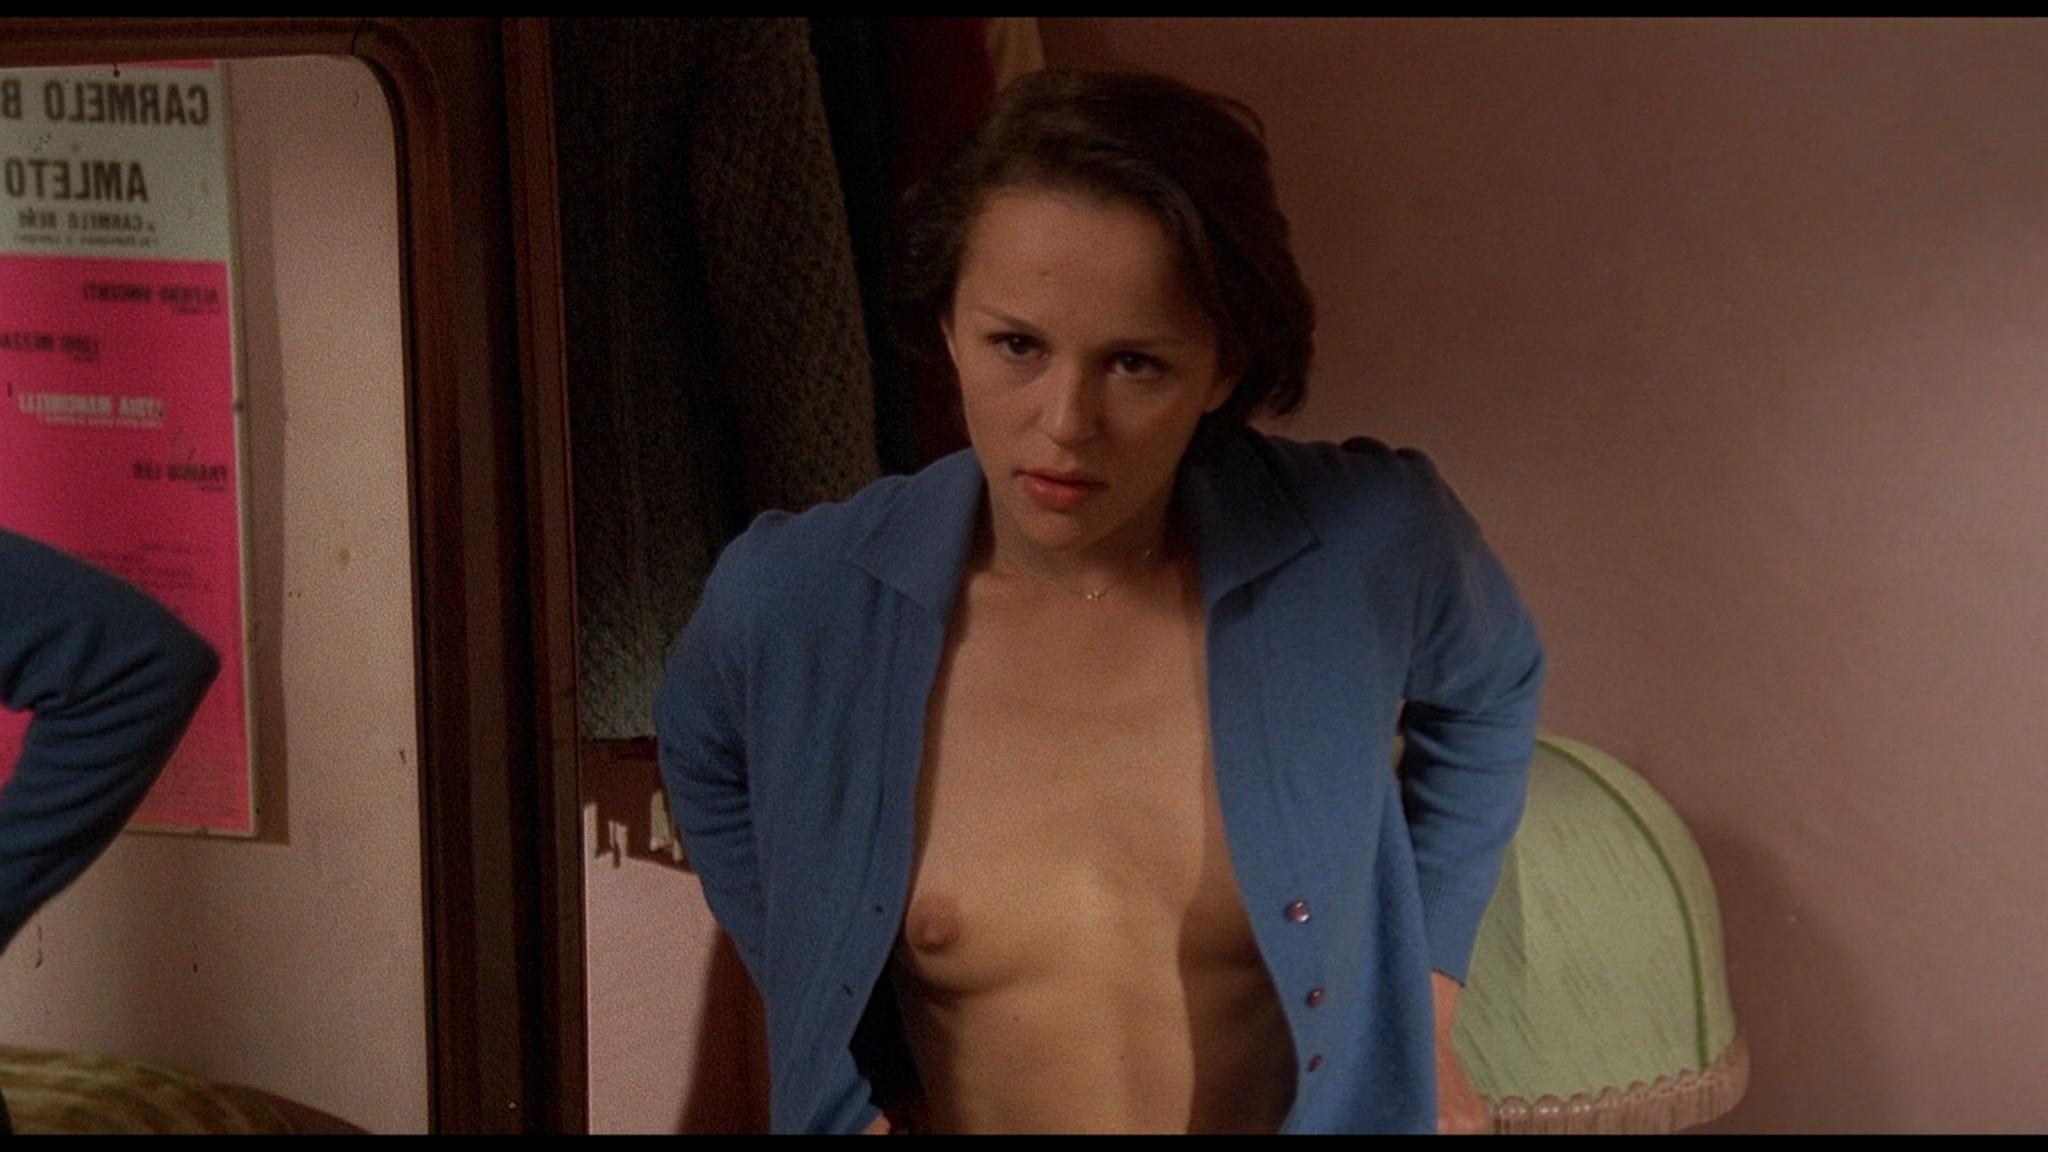 Christine Boisson nude full frontal Daniela Silverio nude sex - Identificazione di una donna (IT-1982) HD 1080p BluRay REMUX (3)